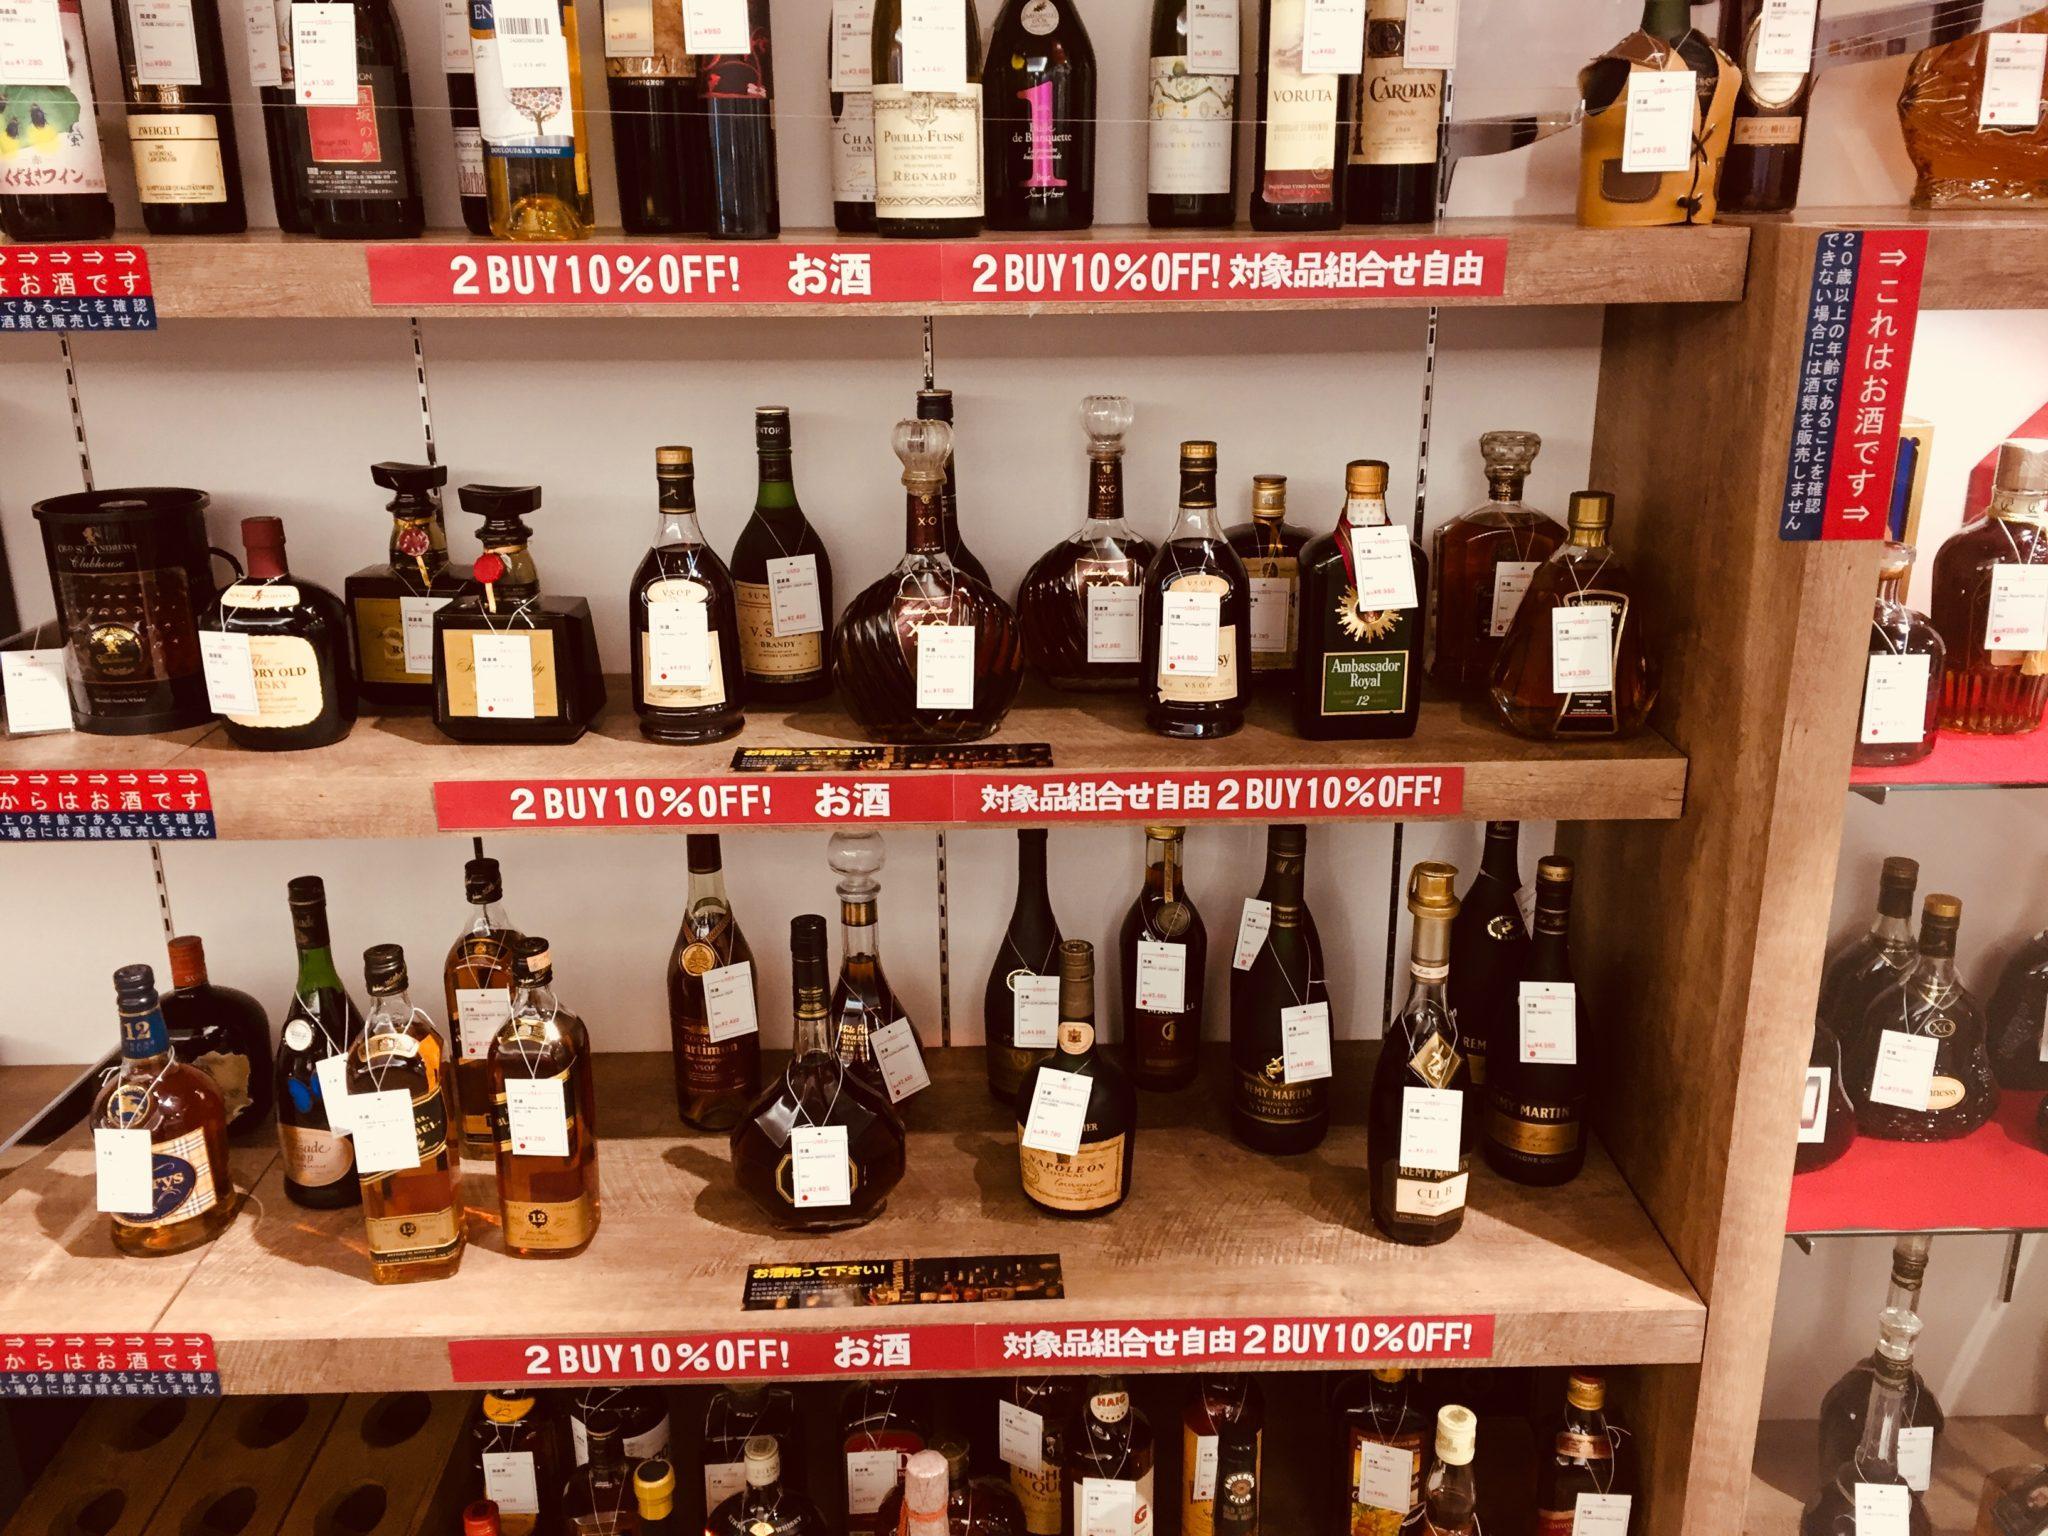 【盛岡 お酒 販売】GWセール 2BUY→10%OFF お酒も2点で10%OFF!!